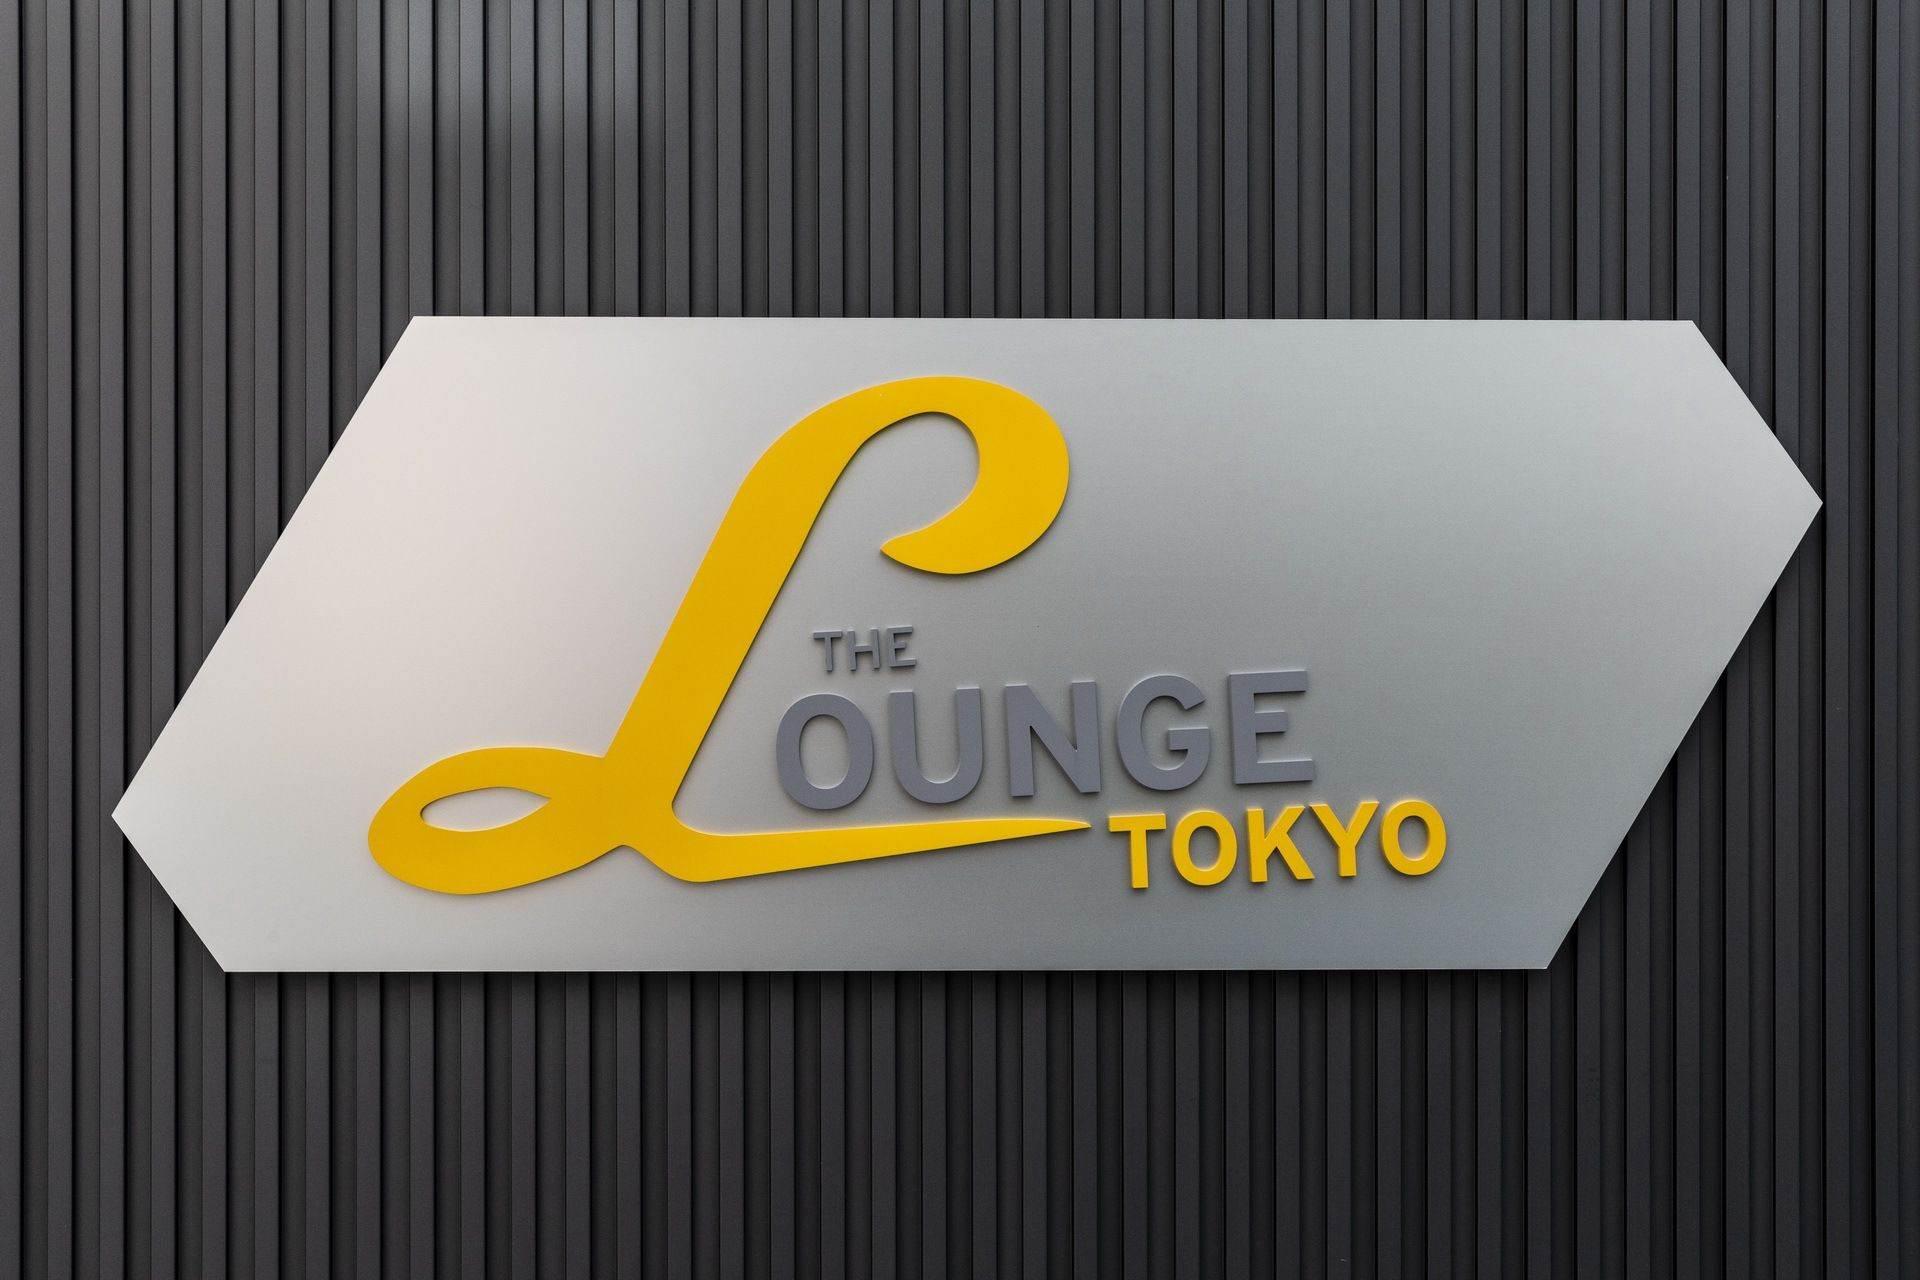 lamborghini-the-lounge-tokyo-17